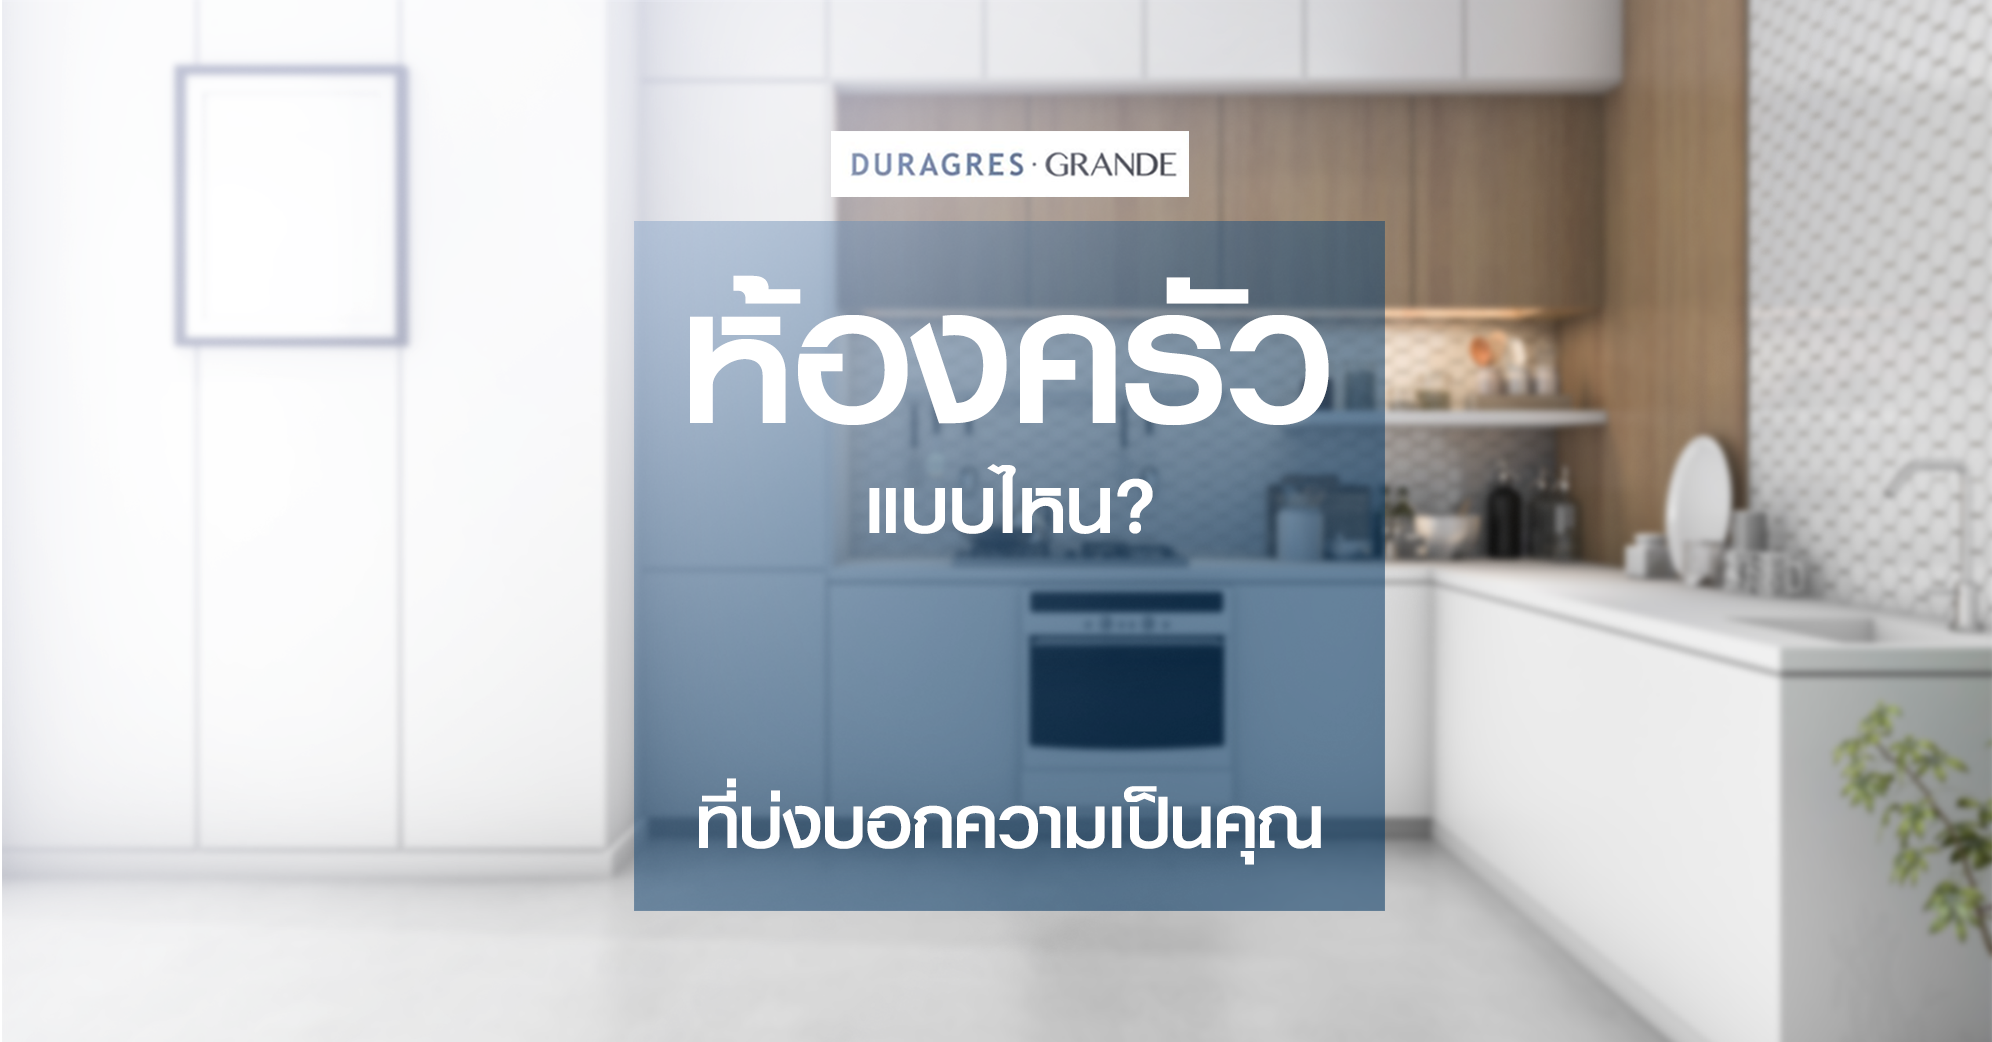 ห้องครัวแบบไหน? ที่บ่งบอกความเป็นคุณ